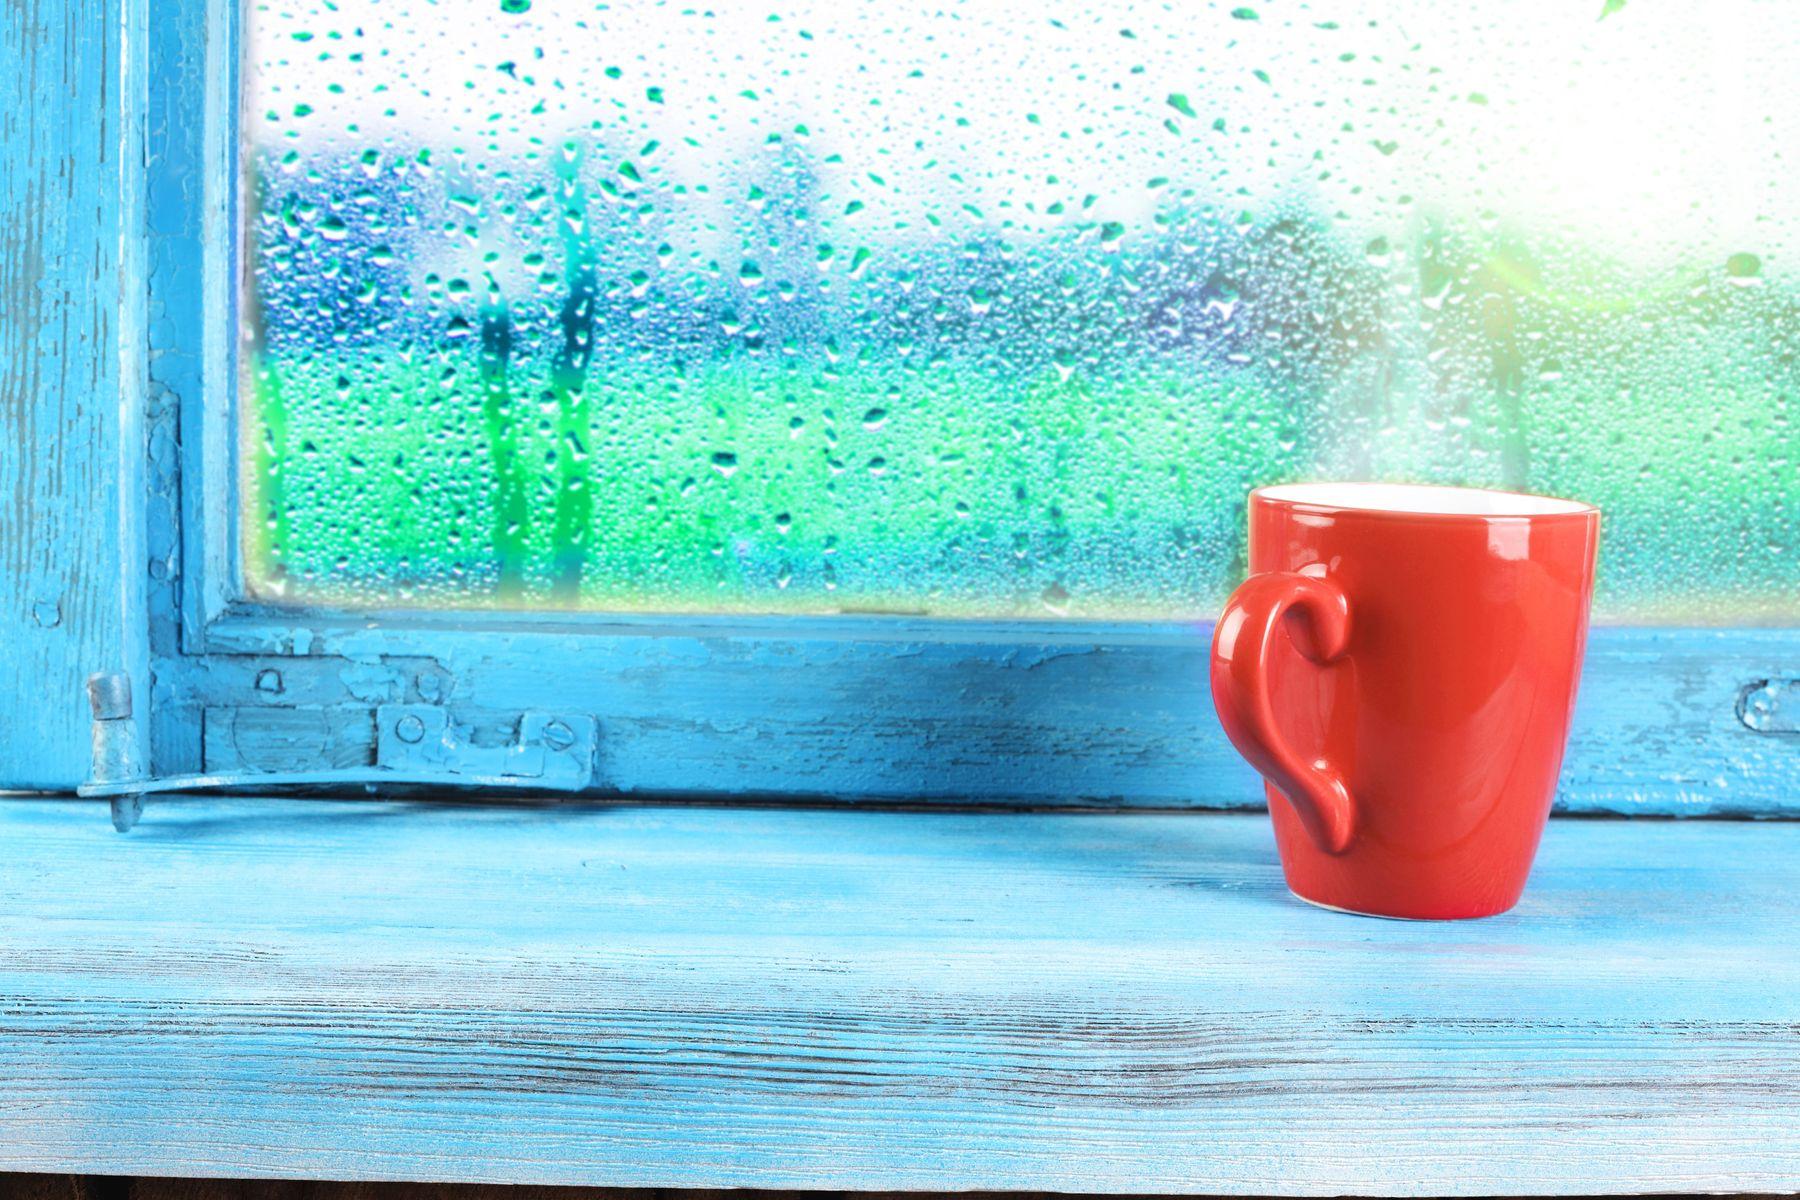 nebliges Fenster und dampfende Tasse